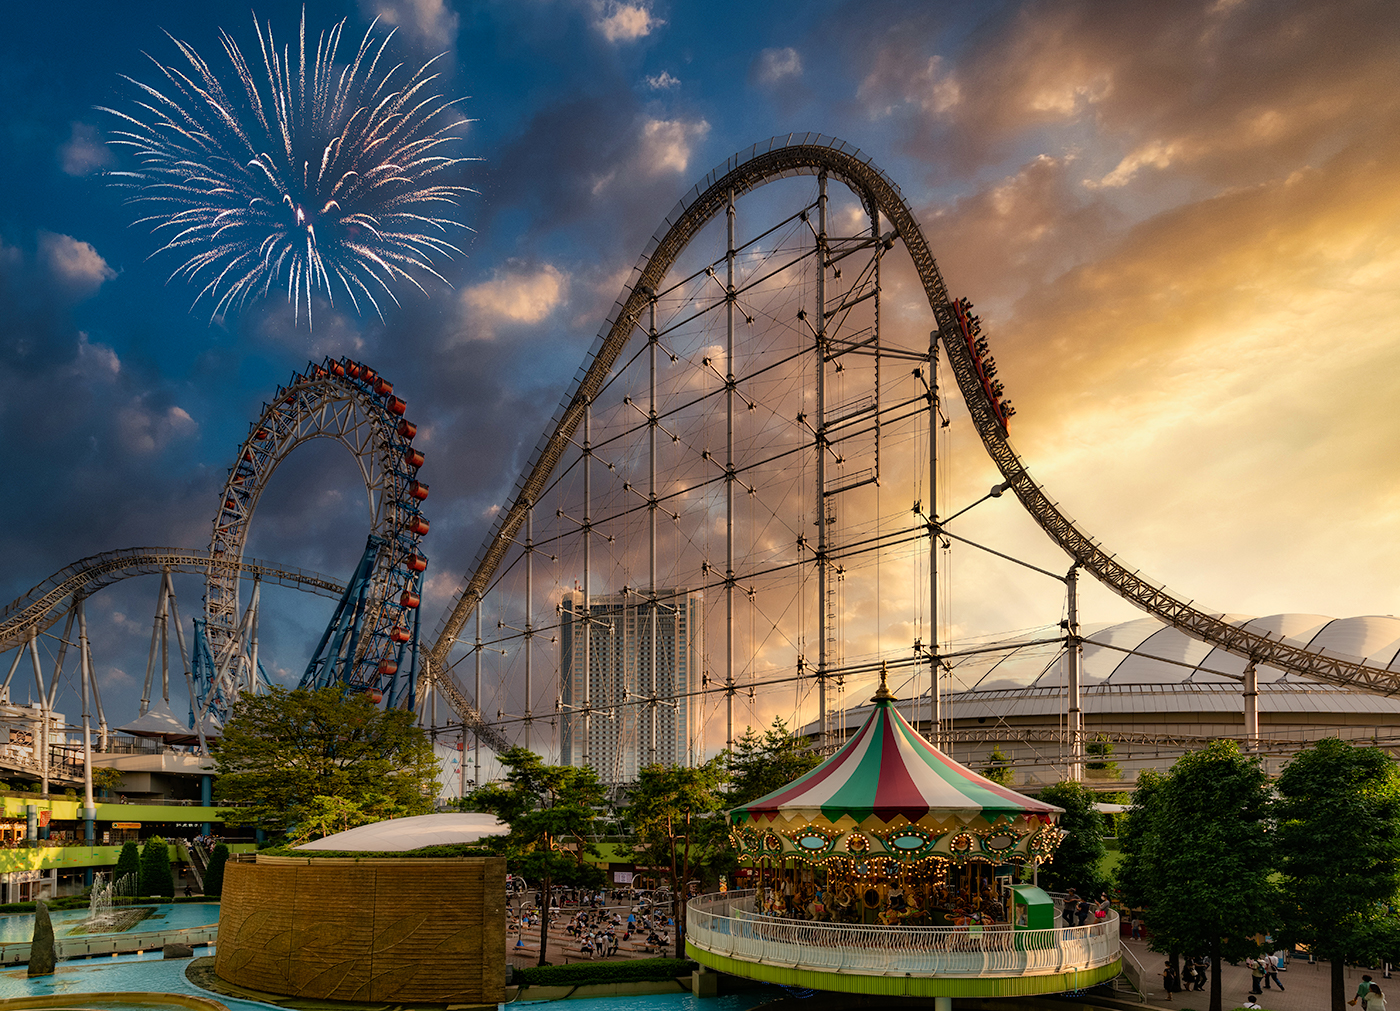 Rollercoaster in Japan